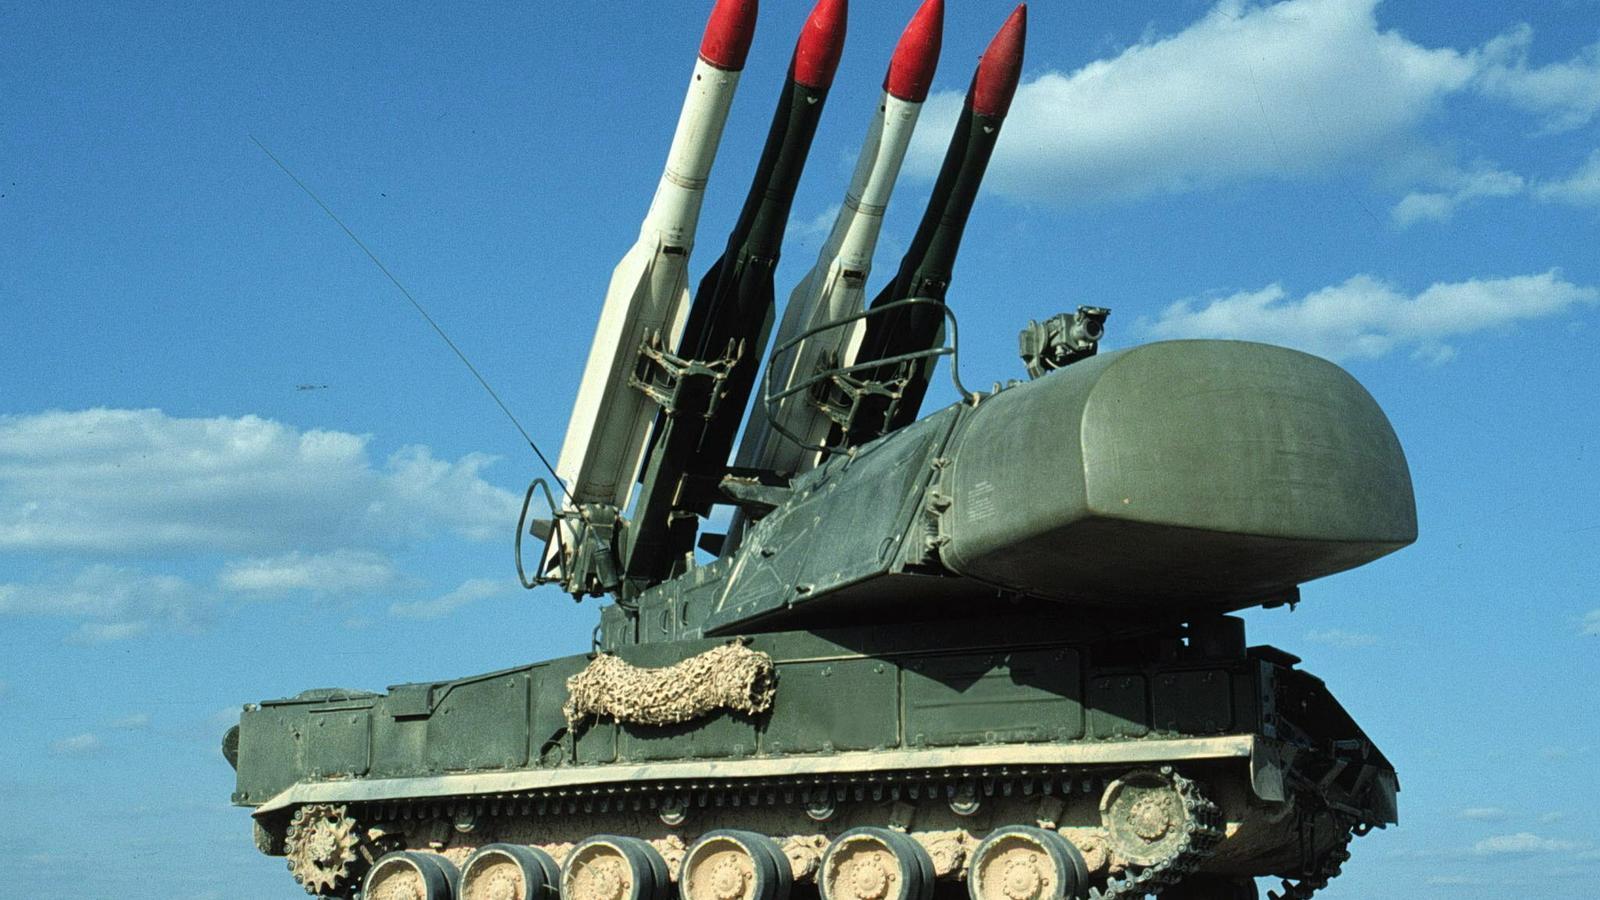 Els míssils Tor-M1 soviètics que l'Iran va disparar contra l'avió ucraïnès, durant un entrenament militar a Rússia.